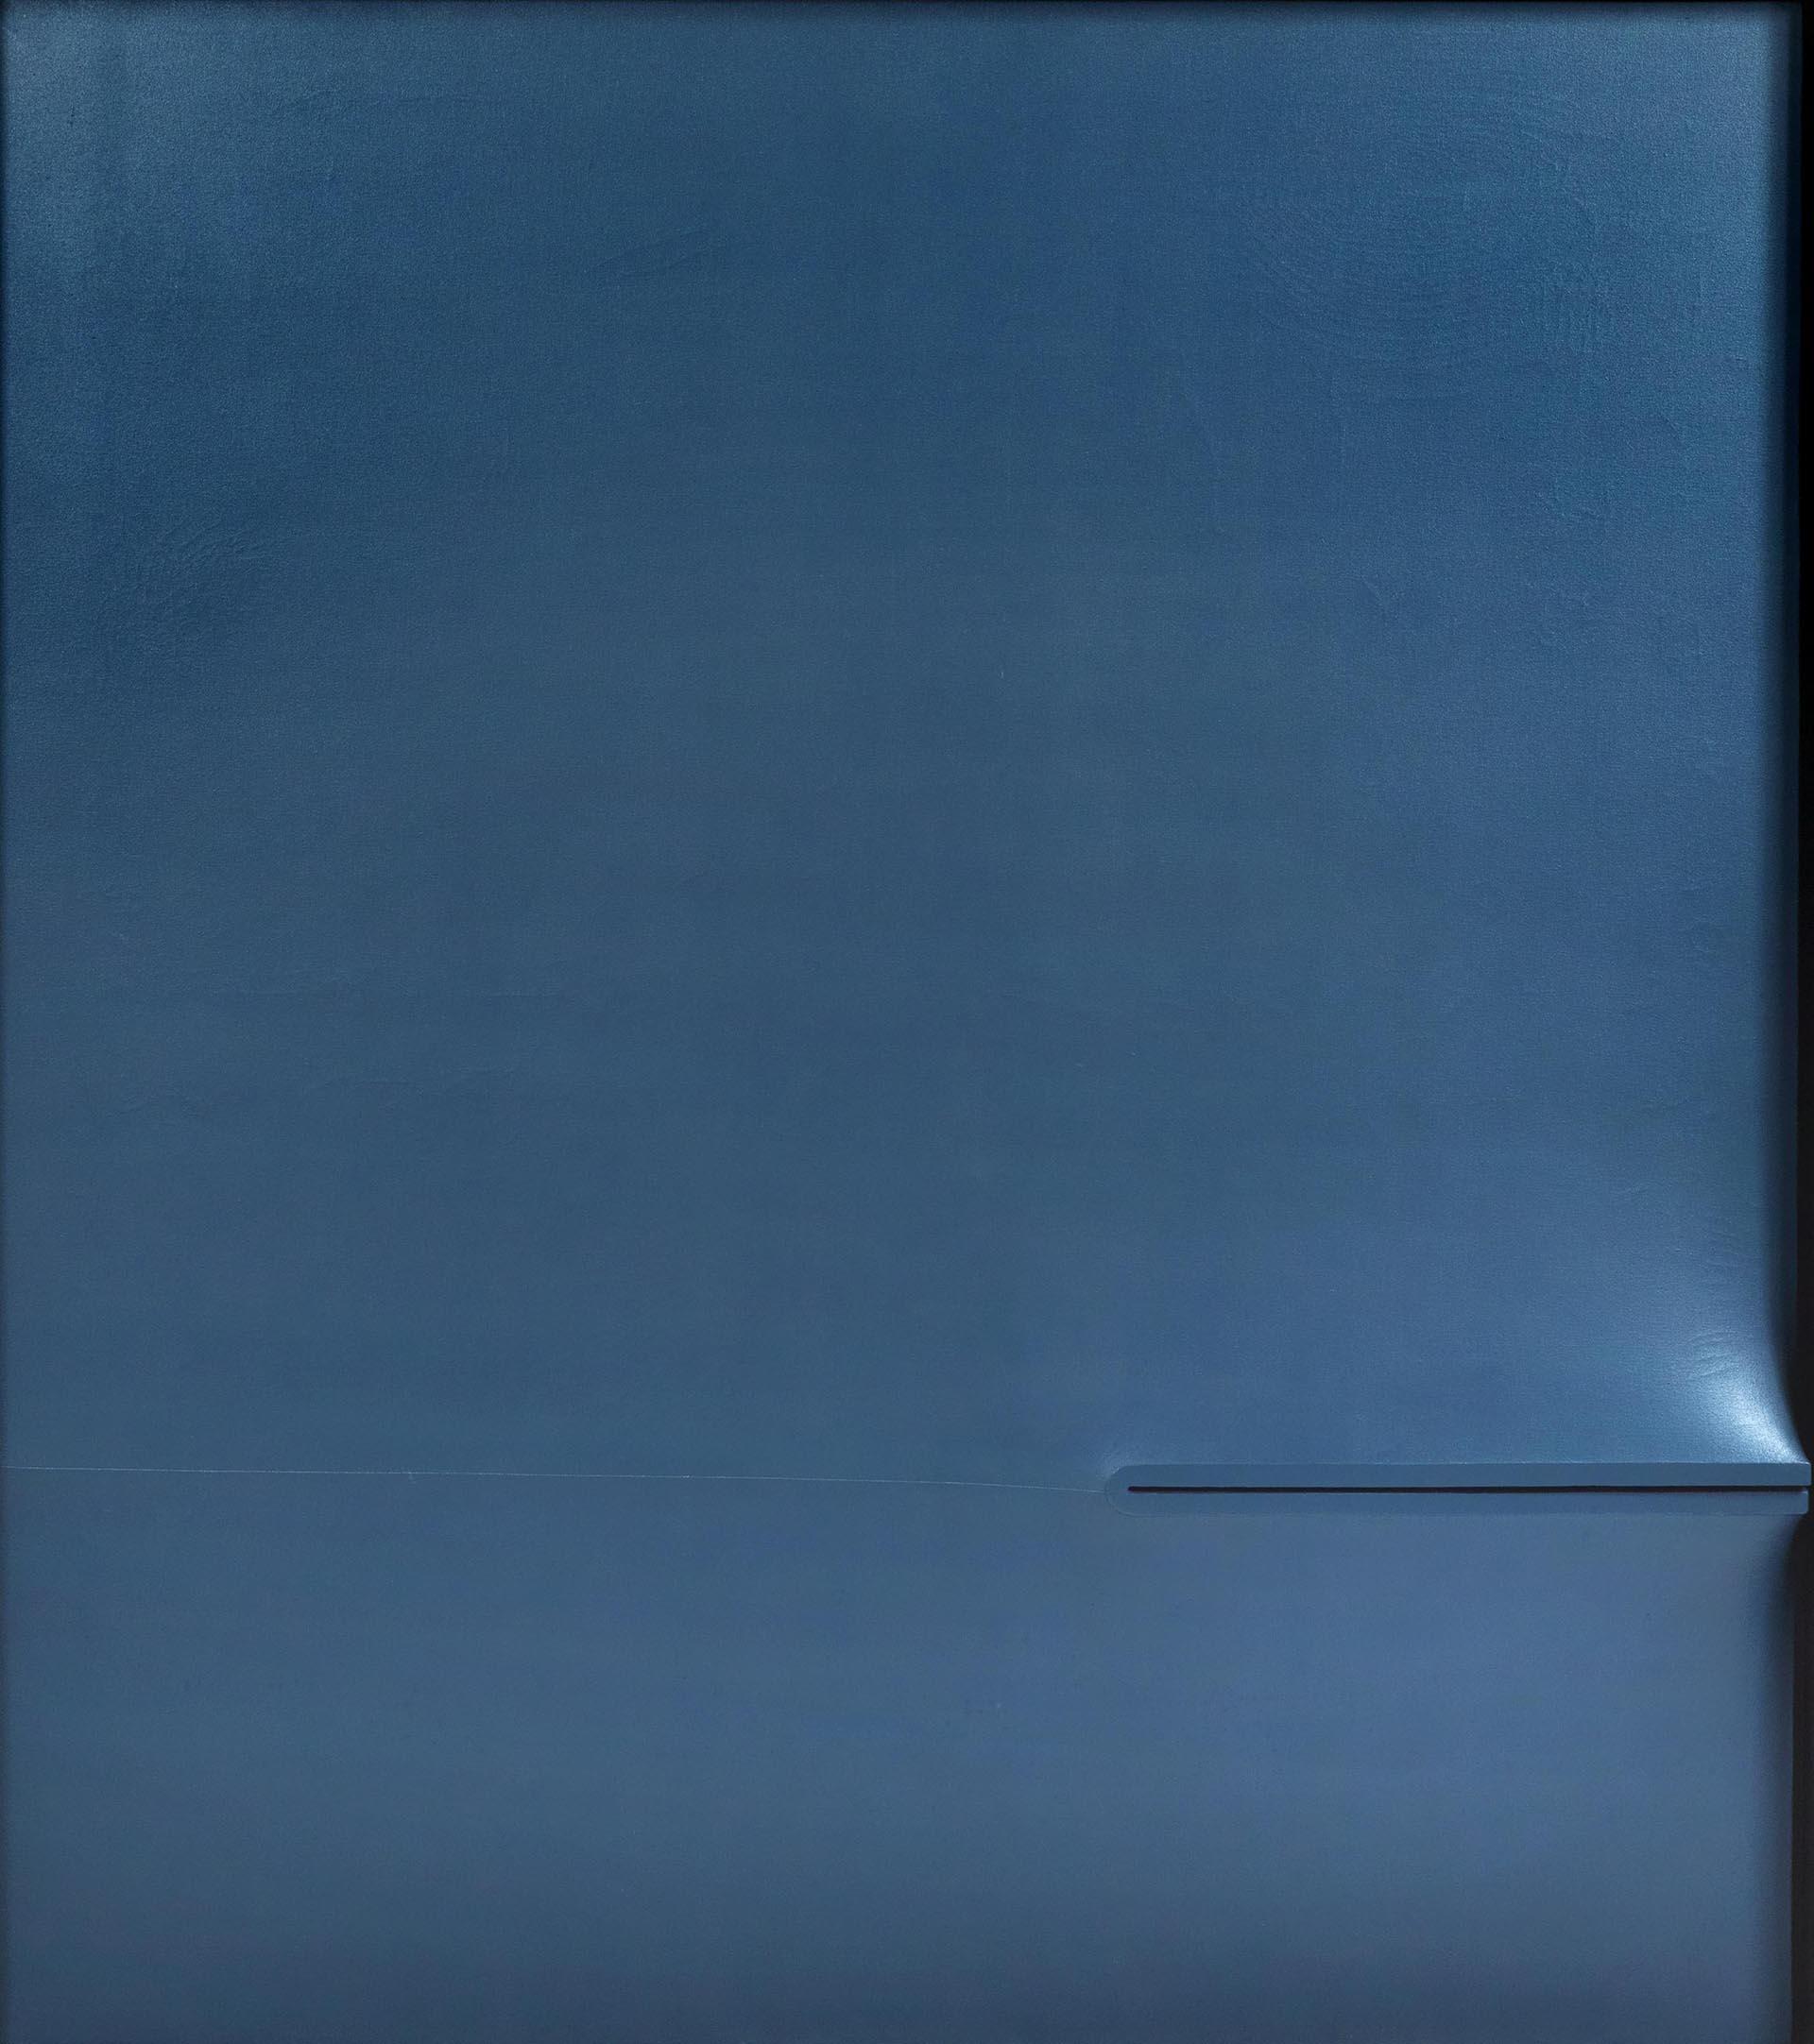 Bonalumi, Blu, 1972, 180x160 cm